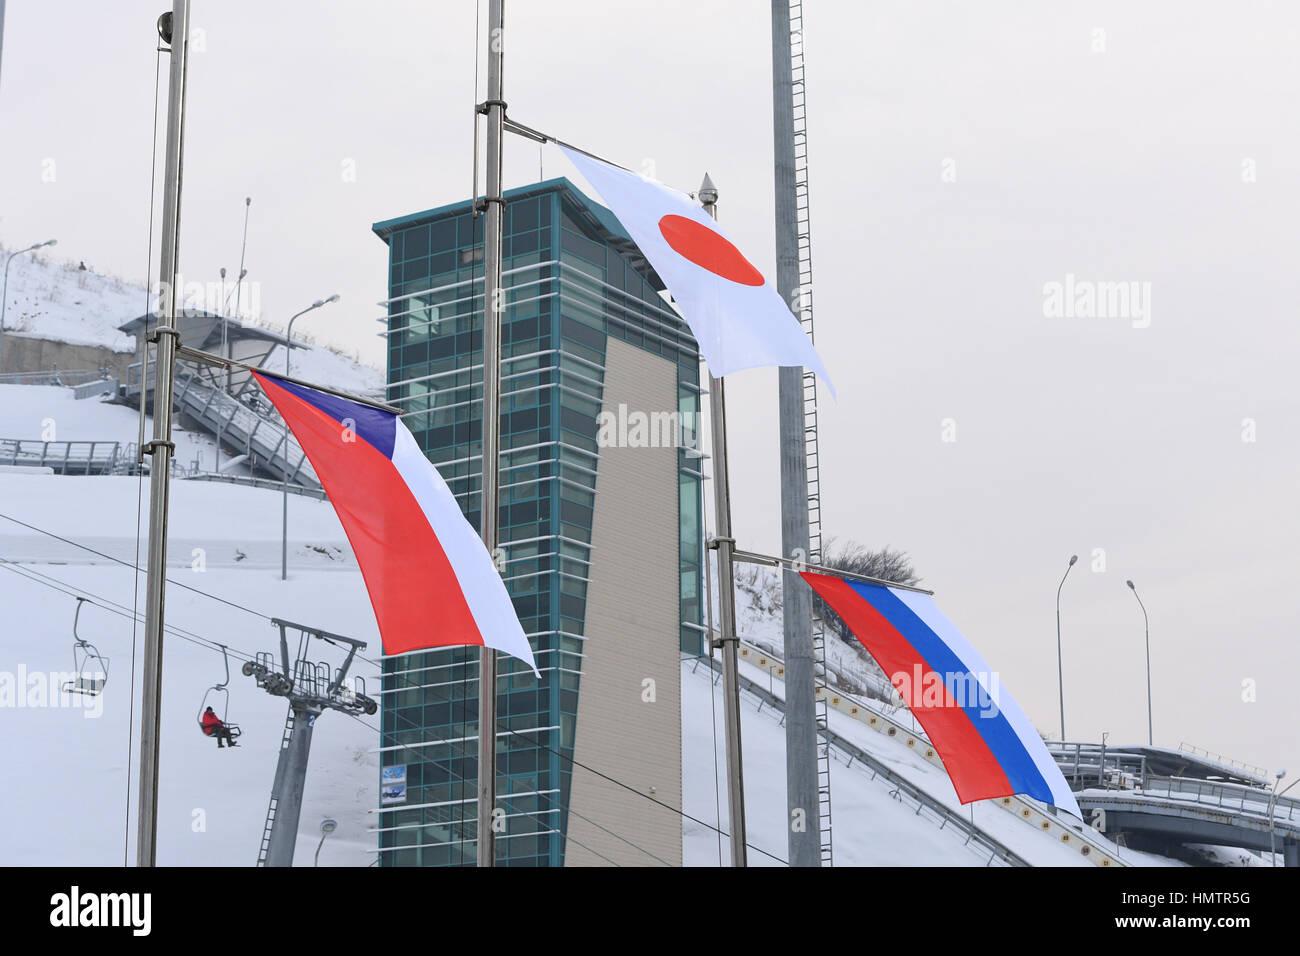 Almaty, Kasachstan. 5. Februar 2017. Allgemeine anzeigen 28. Winter Universiade Almaty 2017 Damen-Team-Award-Verleihung Stockfoto